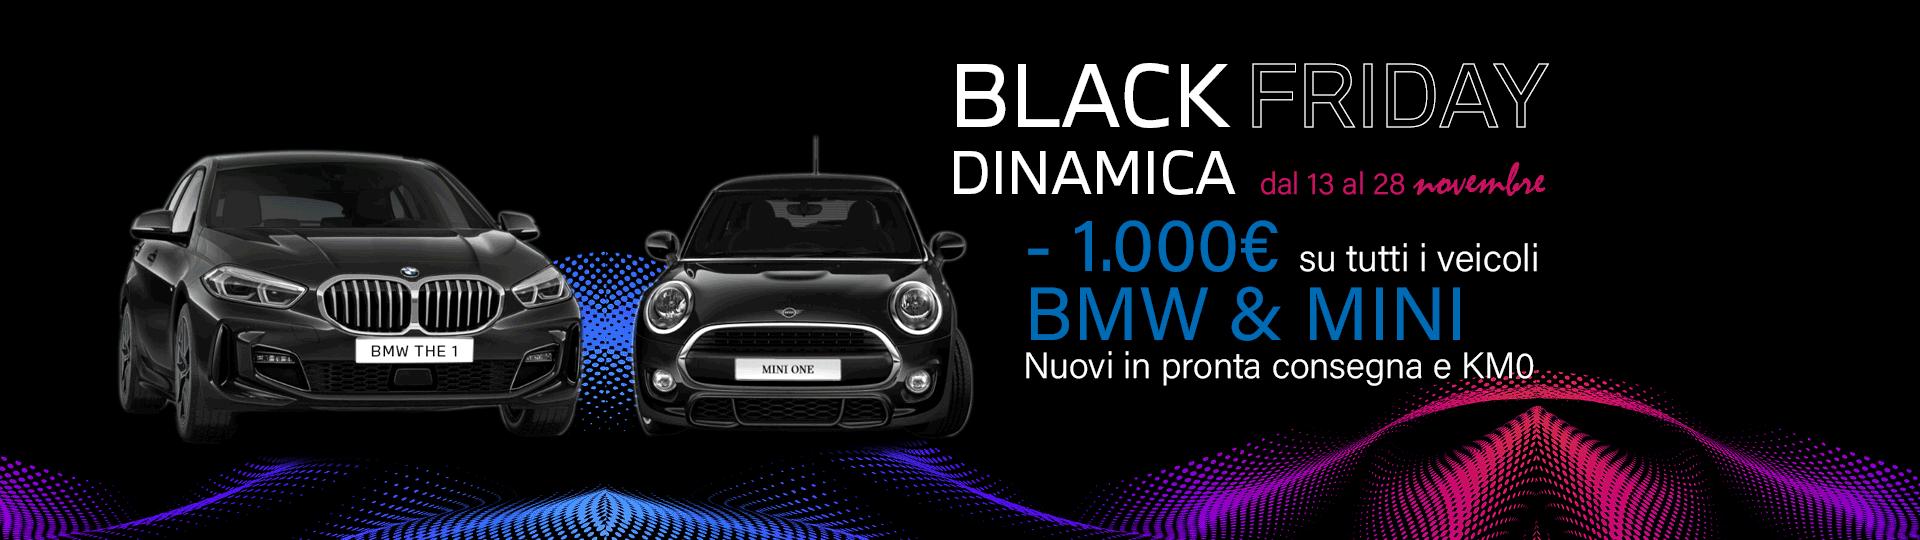 Black-Friday-Dinamica_novembre-2020-4-min.png